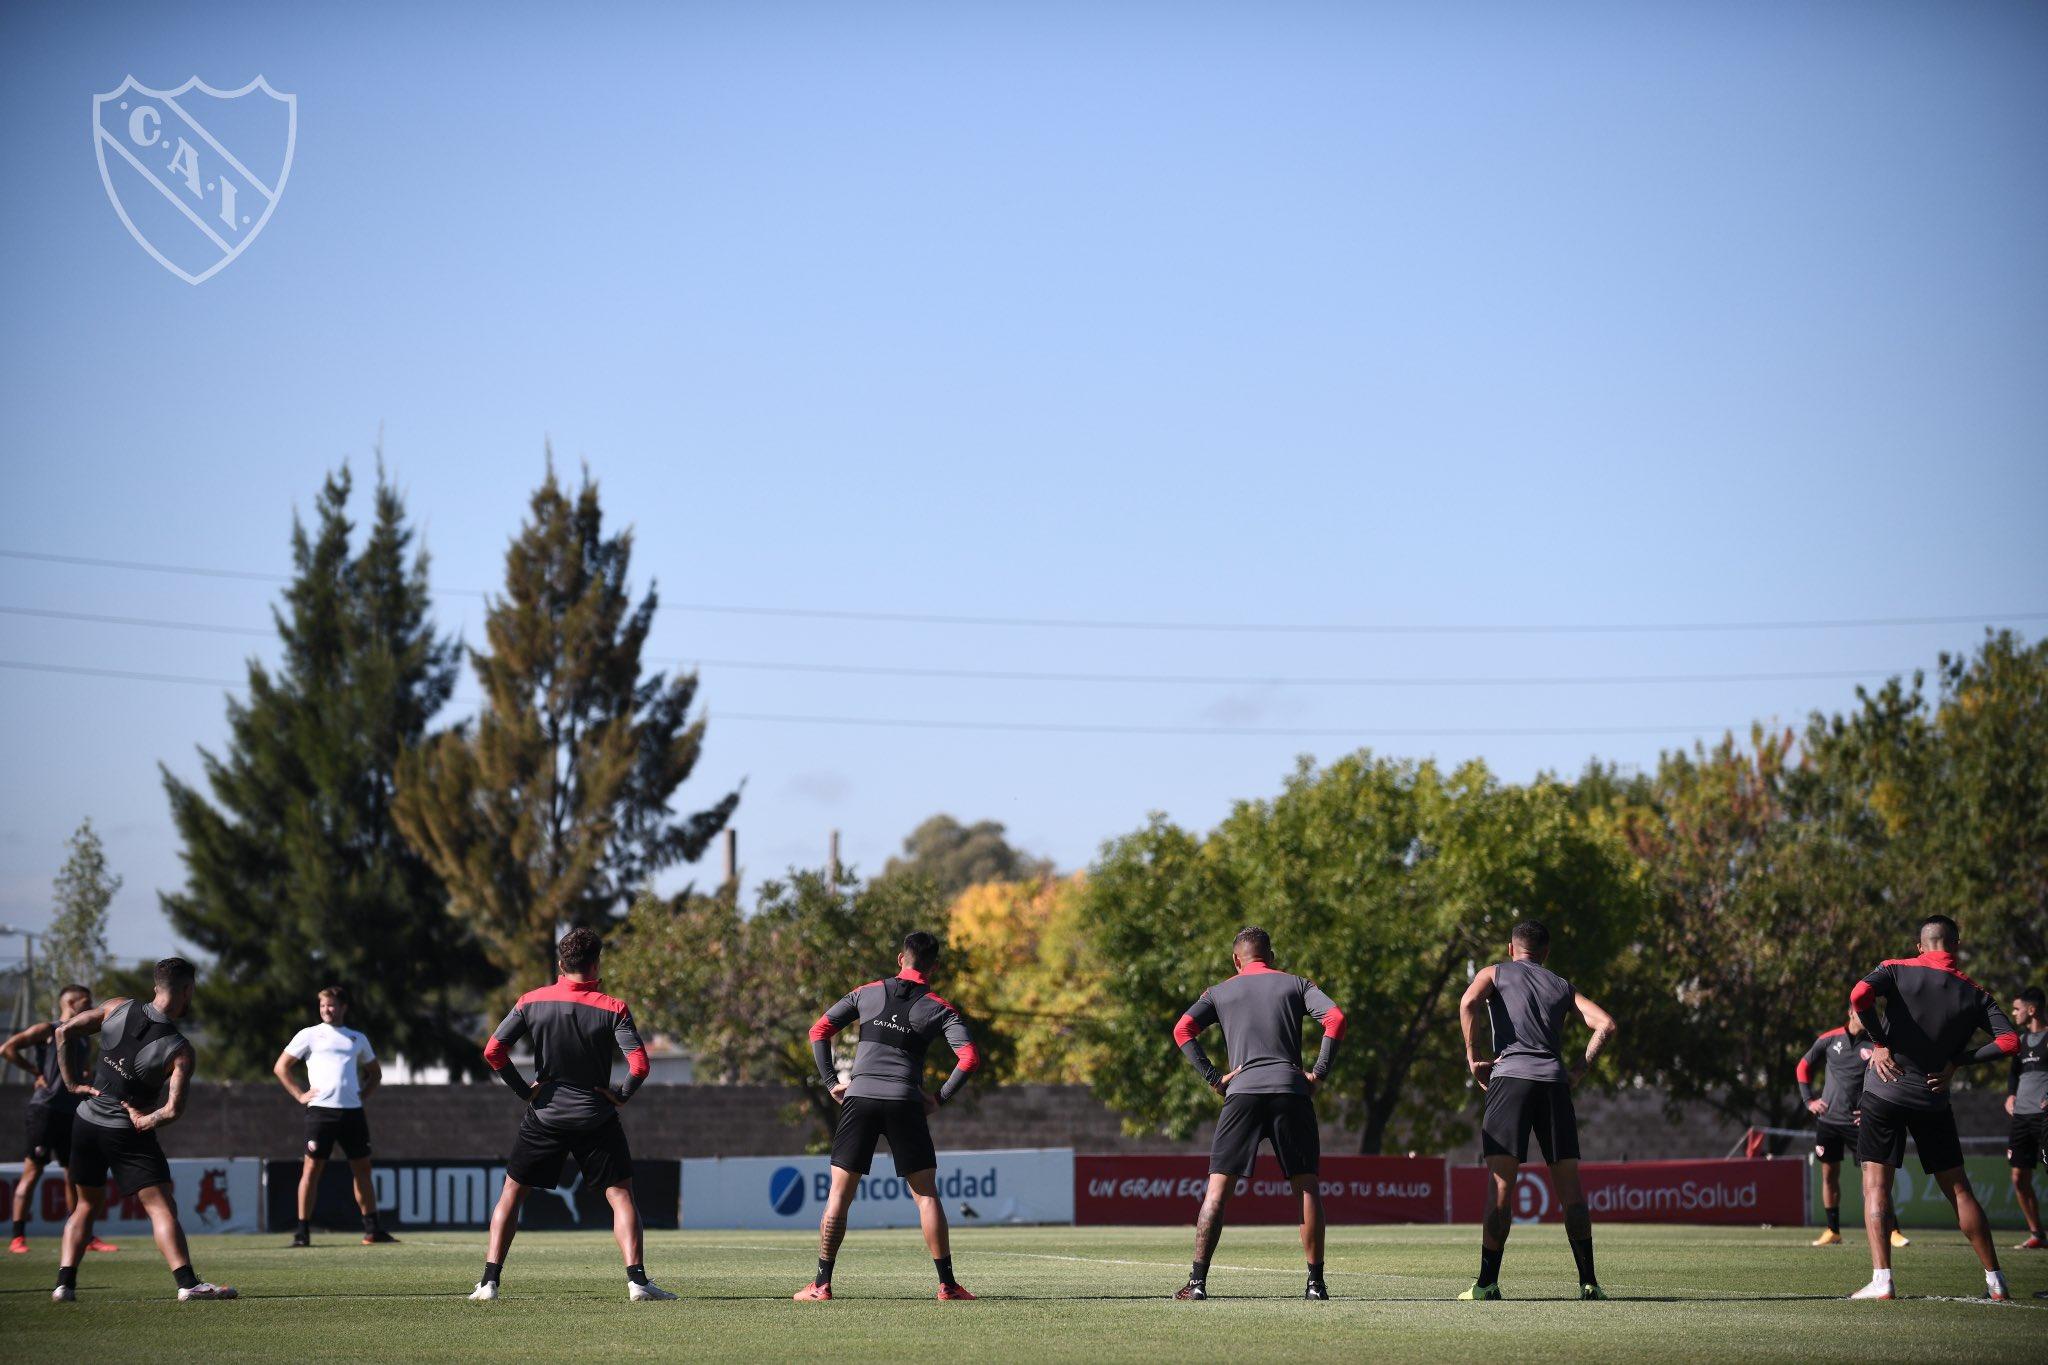 El probable once de Independiente para enfrentar a Talleres